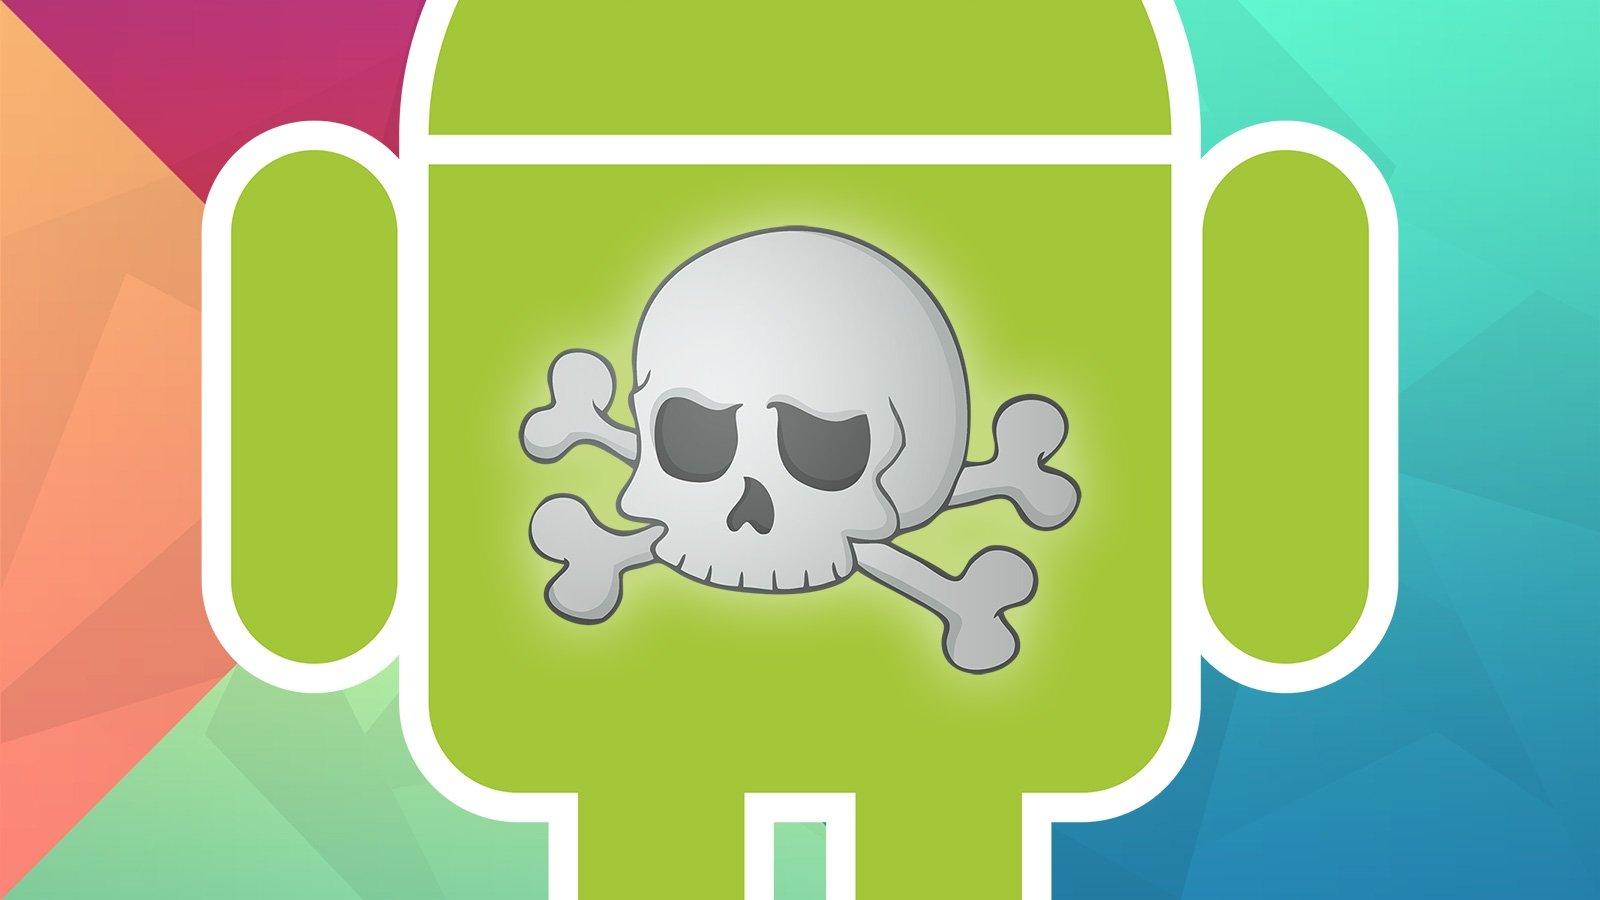 aplicação maliciosa android